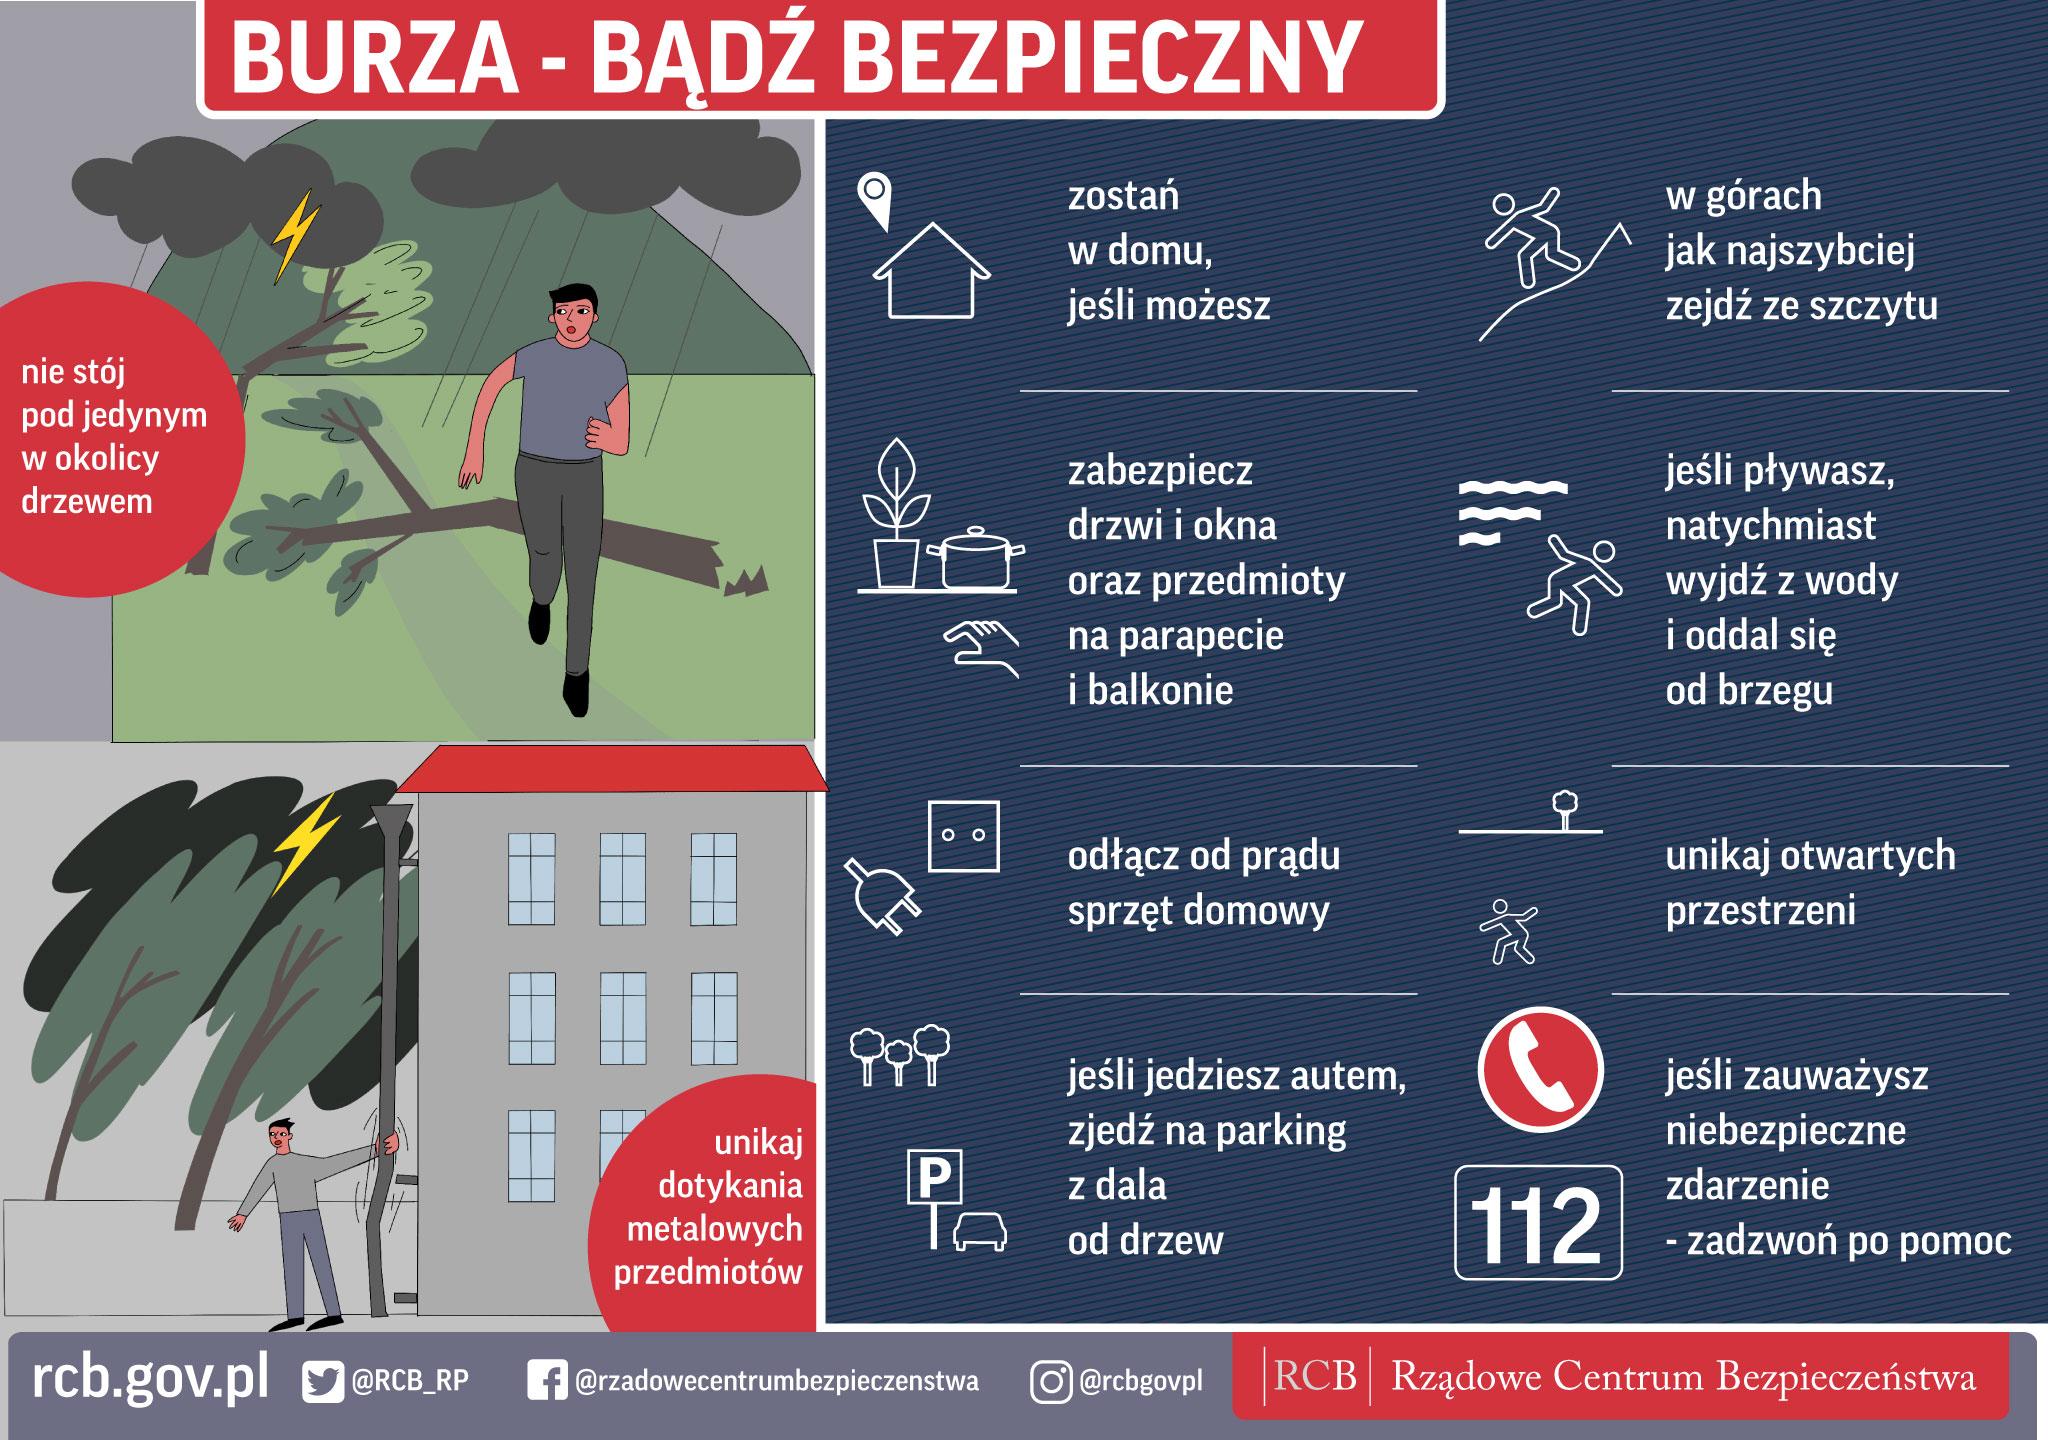 Infografika przedstawia postać chłopca i budynek podczas burzy oraz instrukcje postępowania